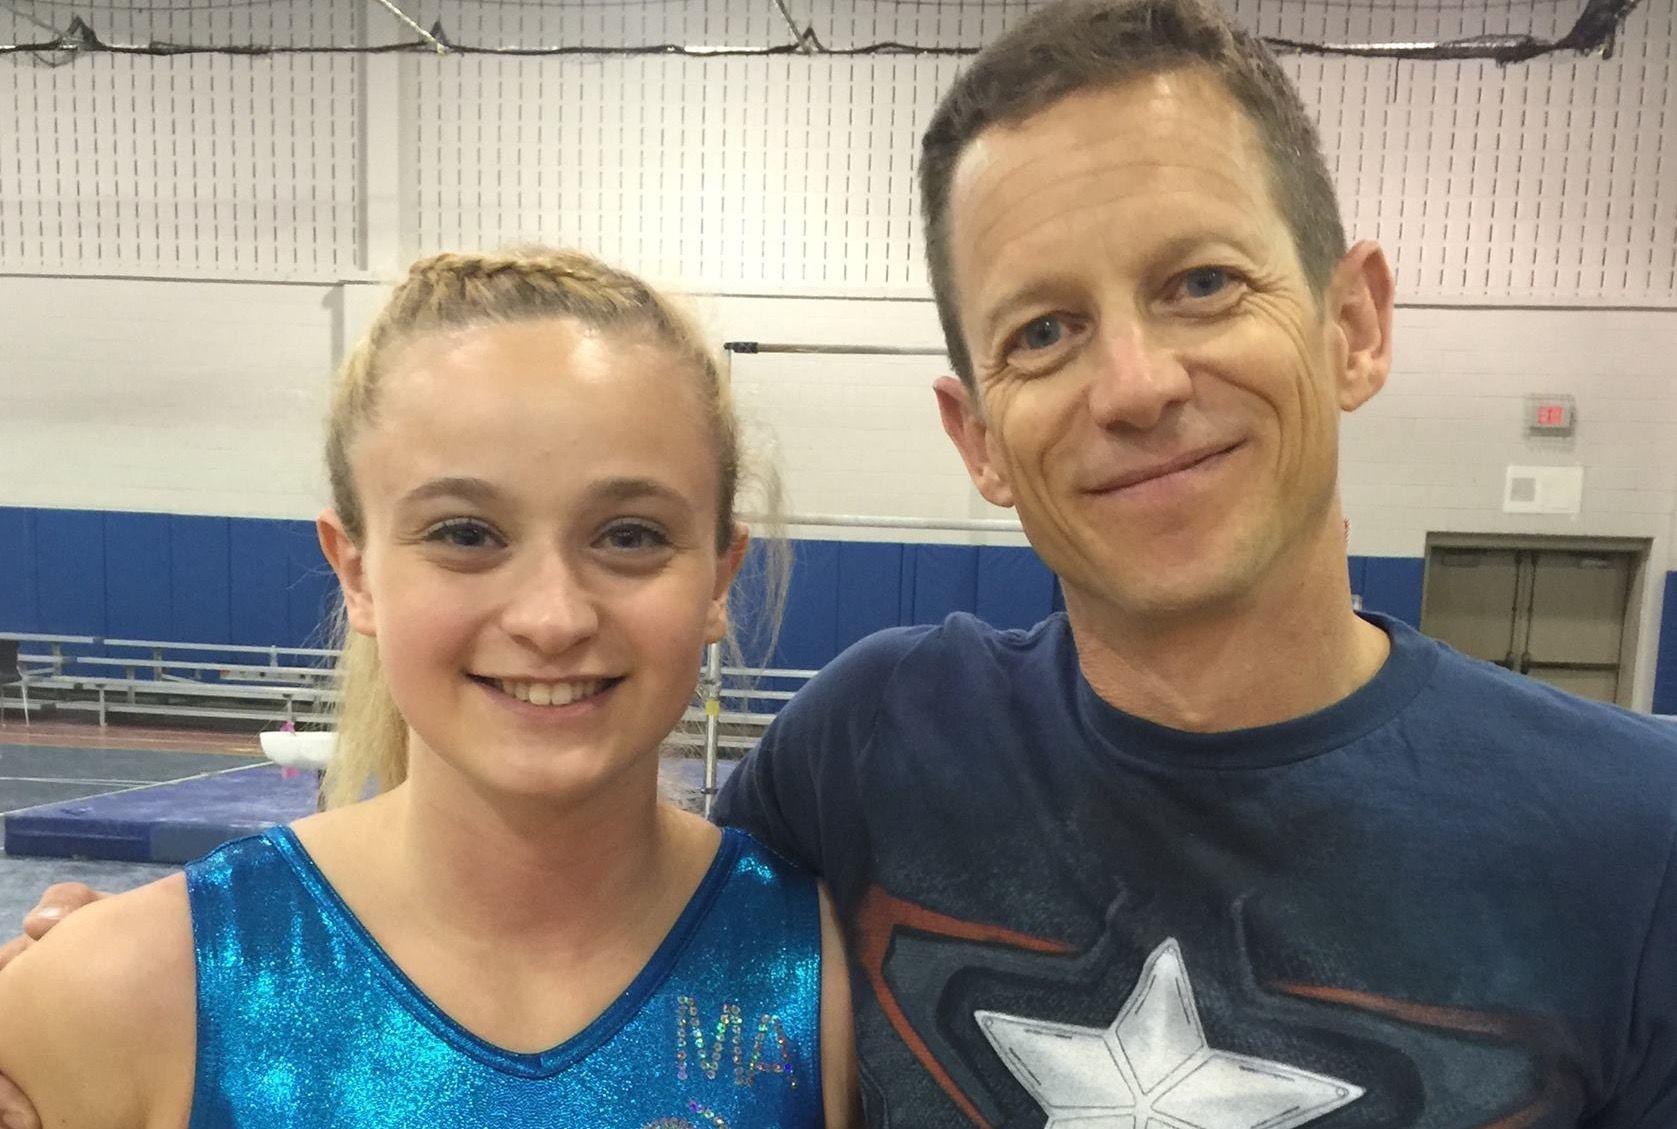 What it's like to start a gymnastics school - Planet Gymnastics Academy